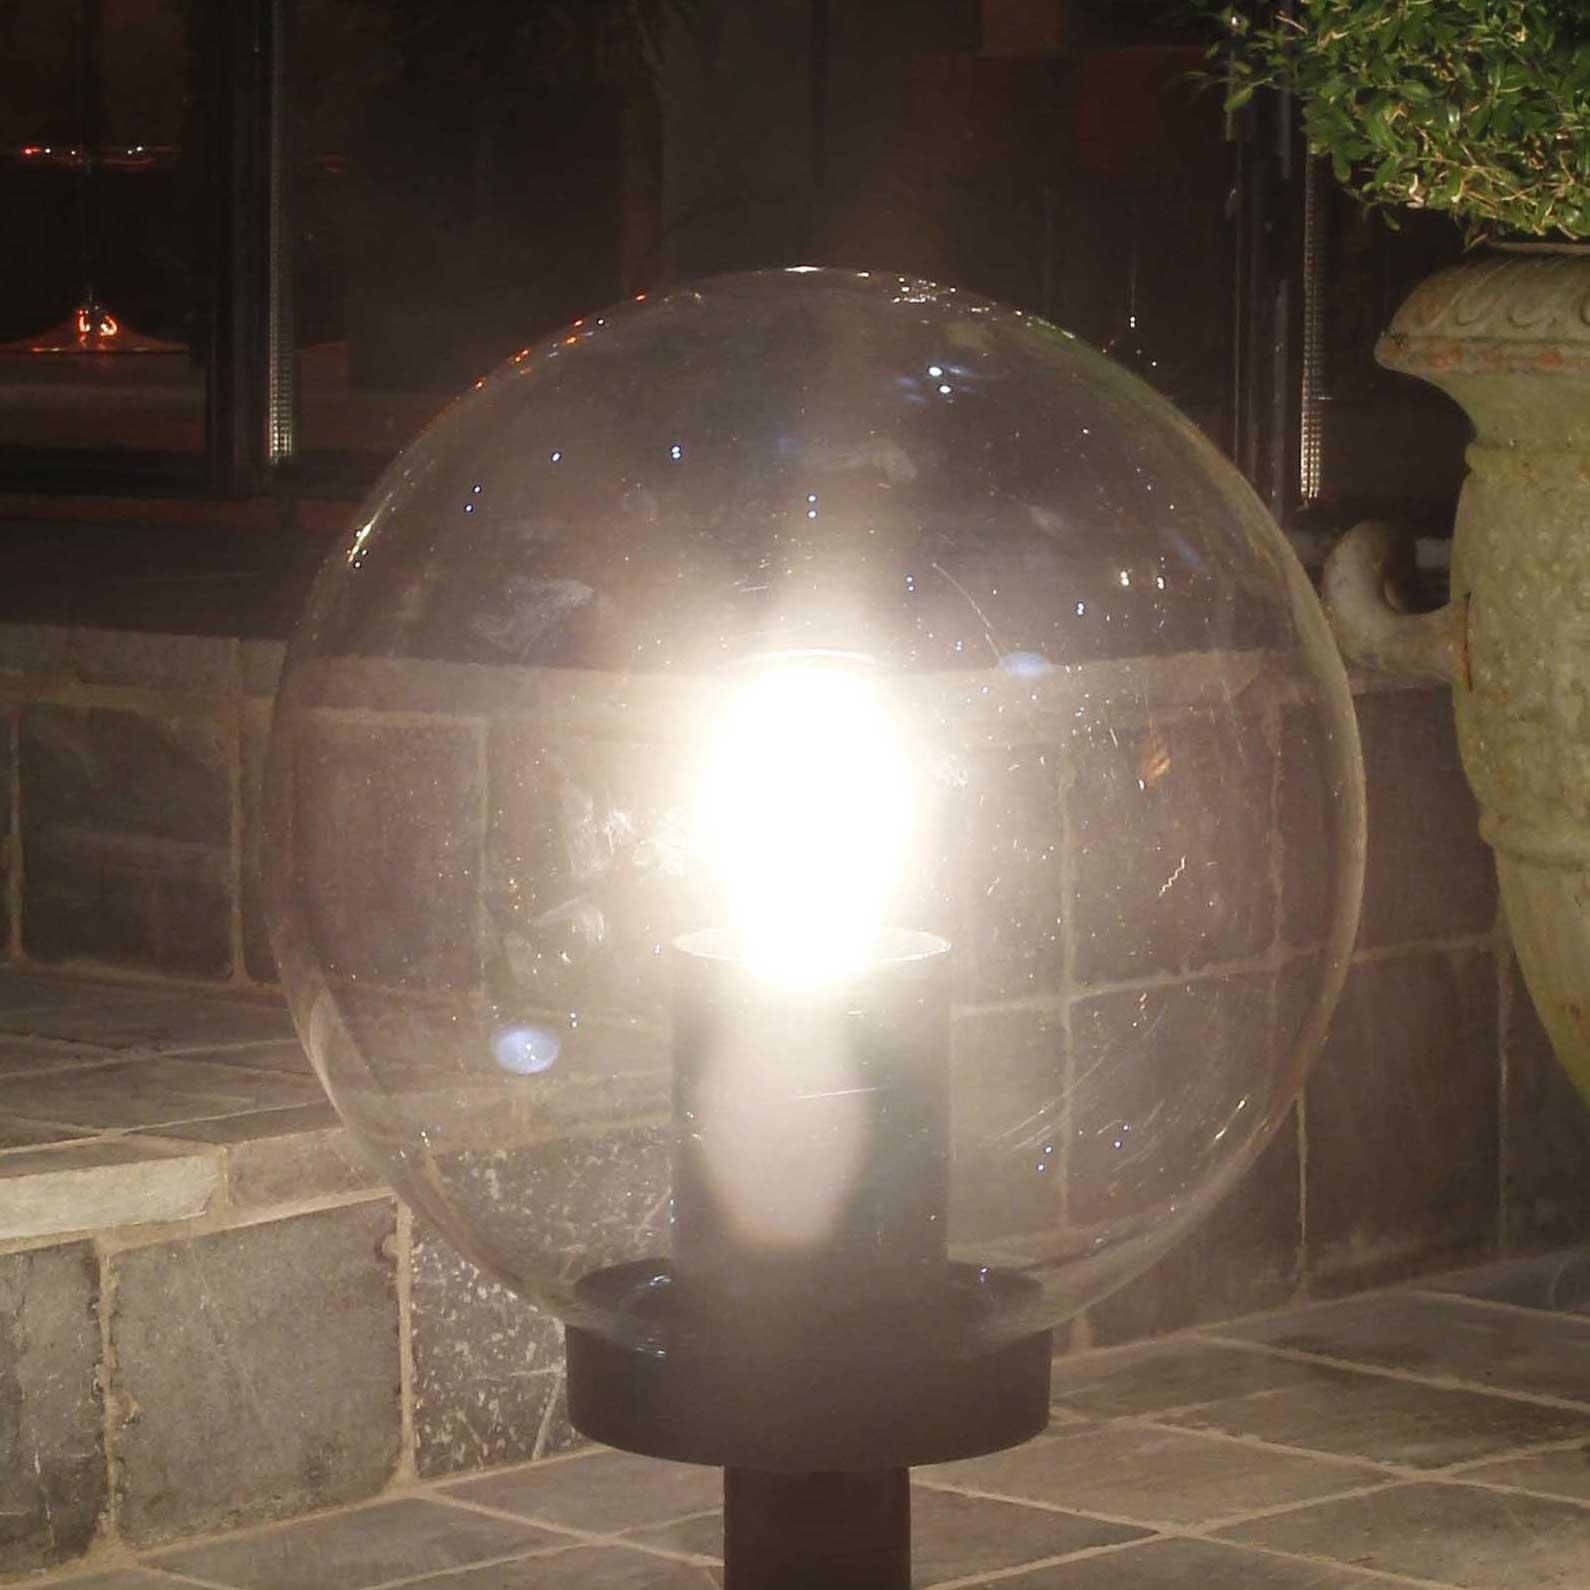 Best Lampe De Jardin Globe Images - House Design - marcomilone.com